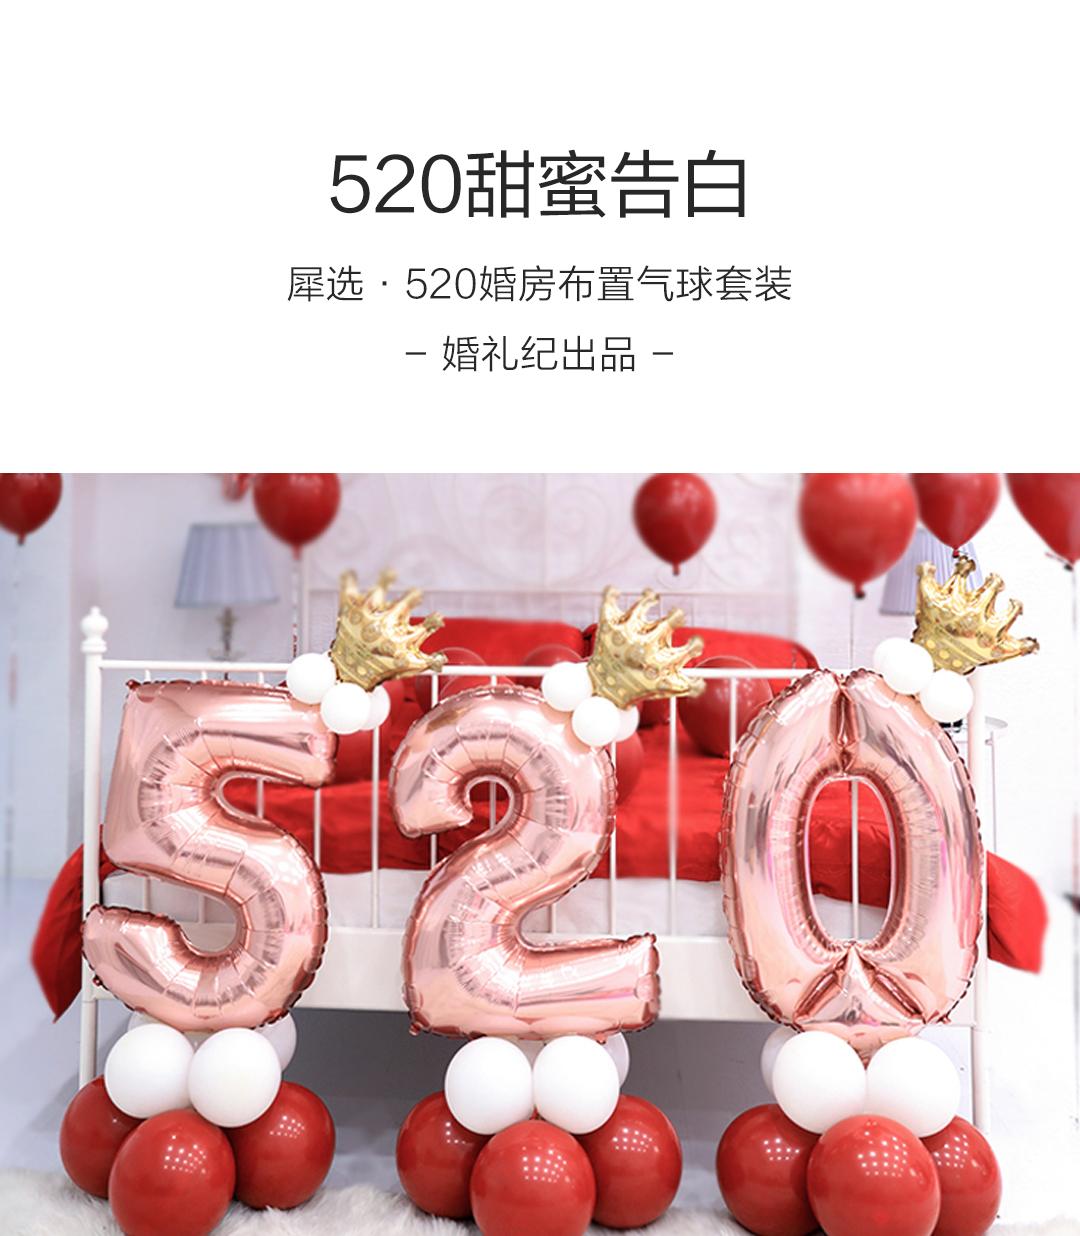 520立柱创意路引气球